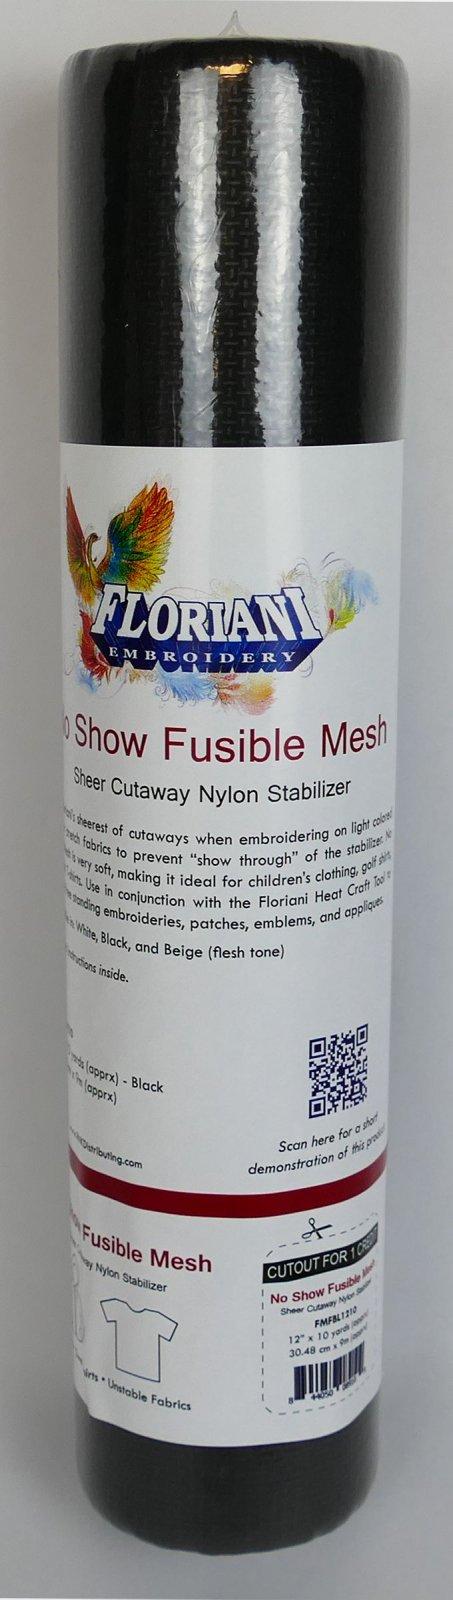 No Show Fusible Mesh - Sheer Cutaway Nylon Stabilizer : Black - 12 x 10 yards - Floriani